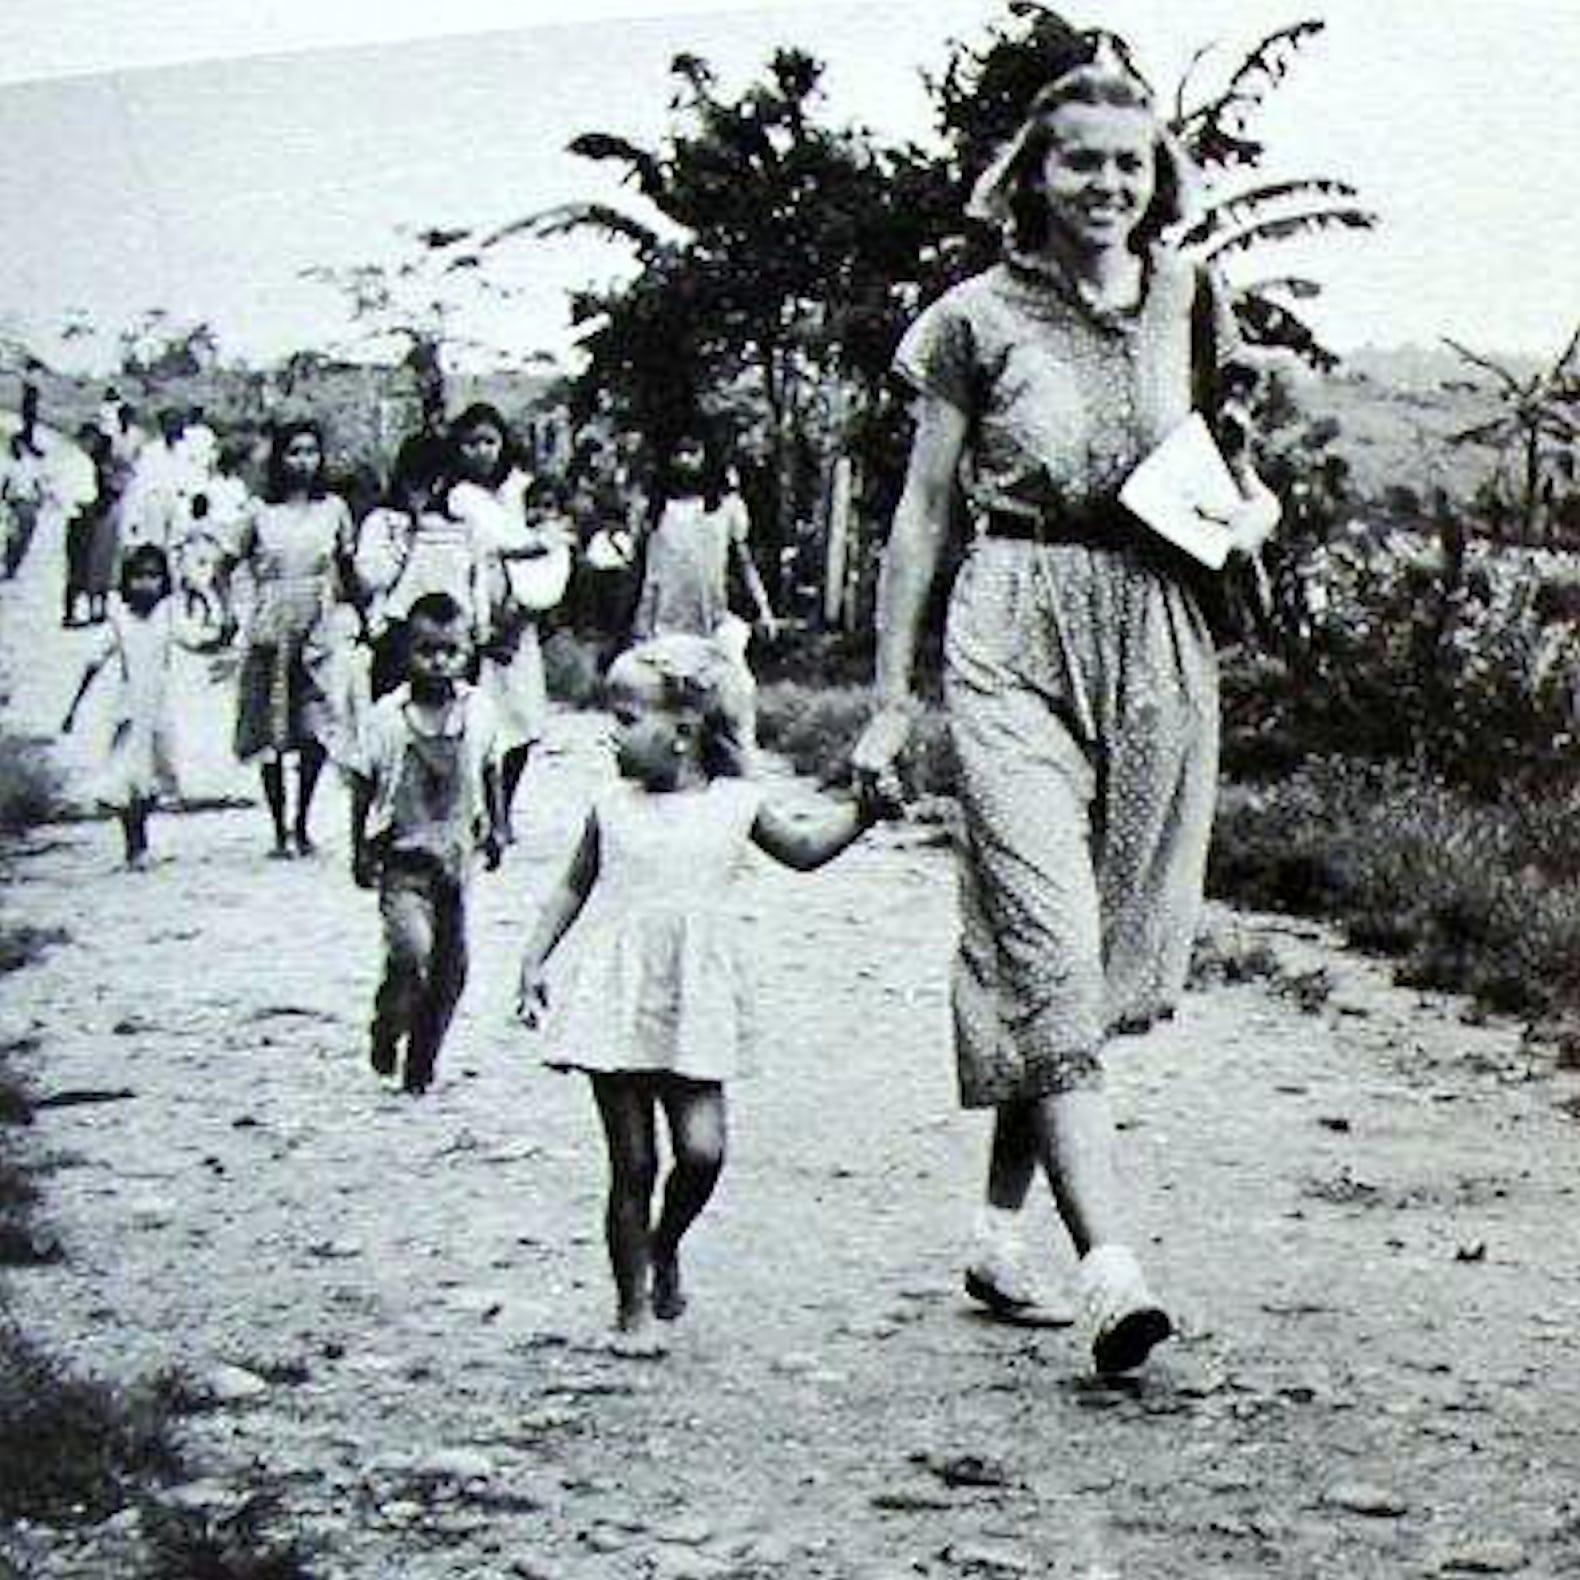 Betty Elliot s-a întors să slujească chiar în mijlocul tribului care i-a ucis soțul și a luat-o pe fiica lor Valerie cu ea.